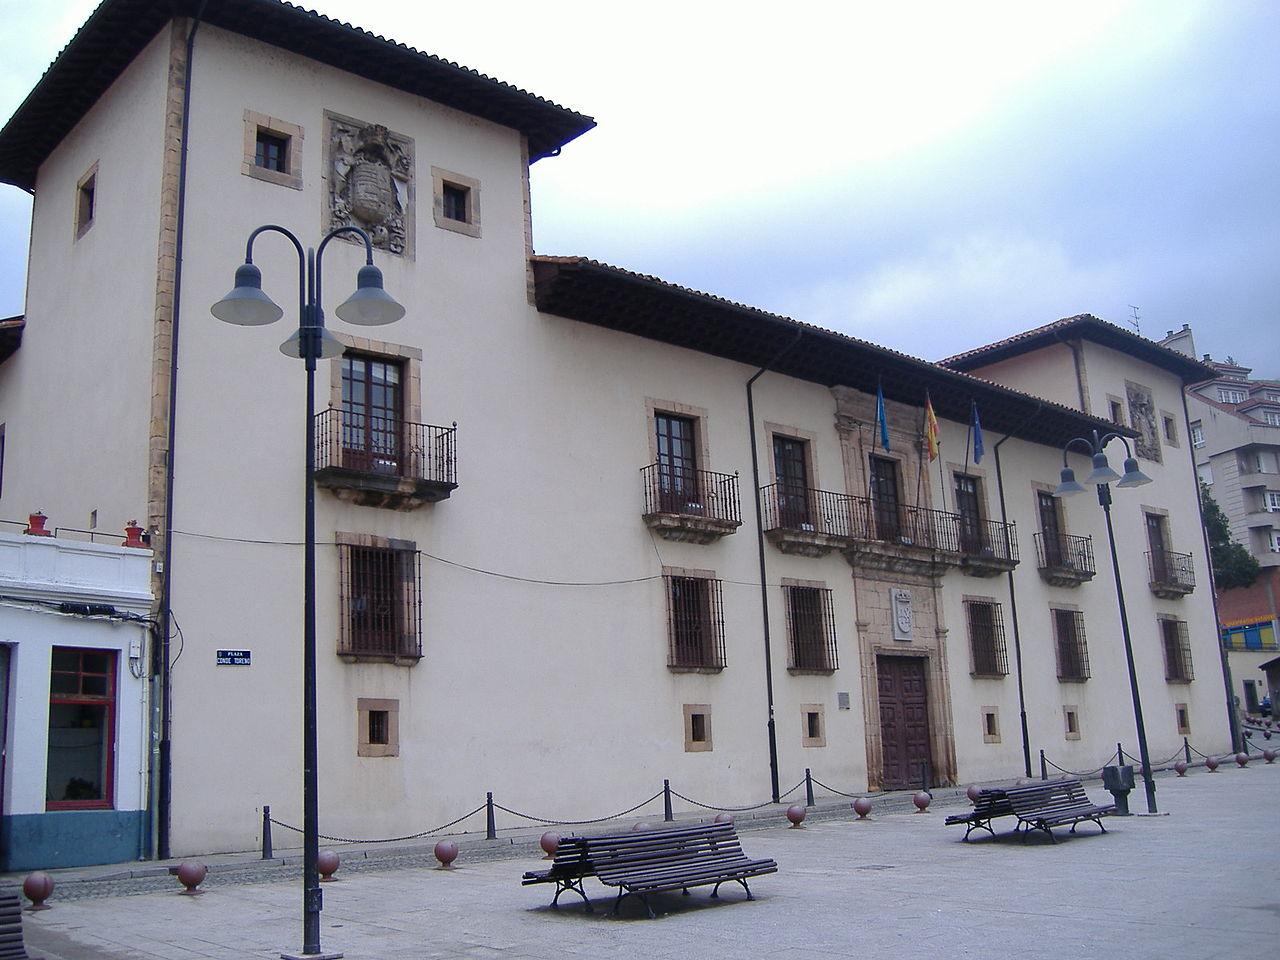 1280px-Cangas_del_narcea_ayuntamiento